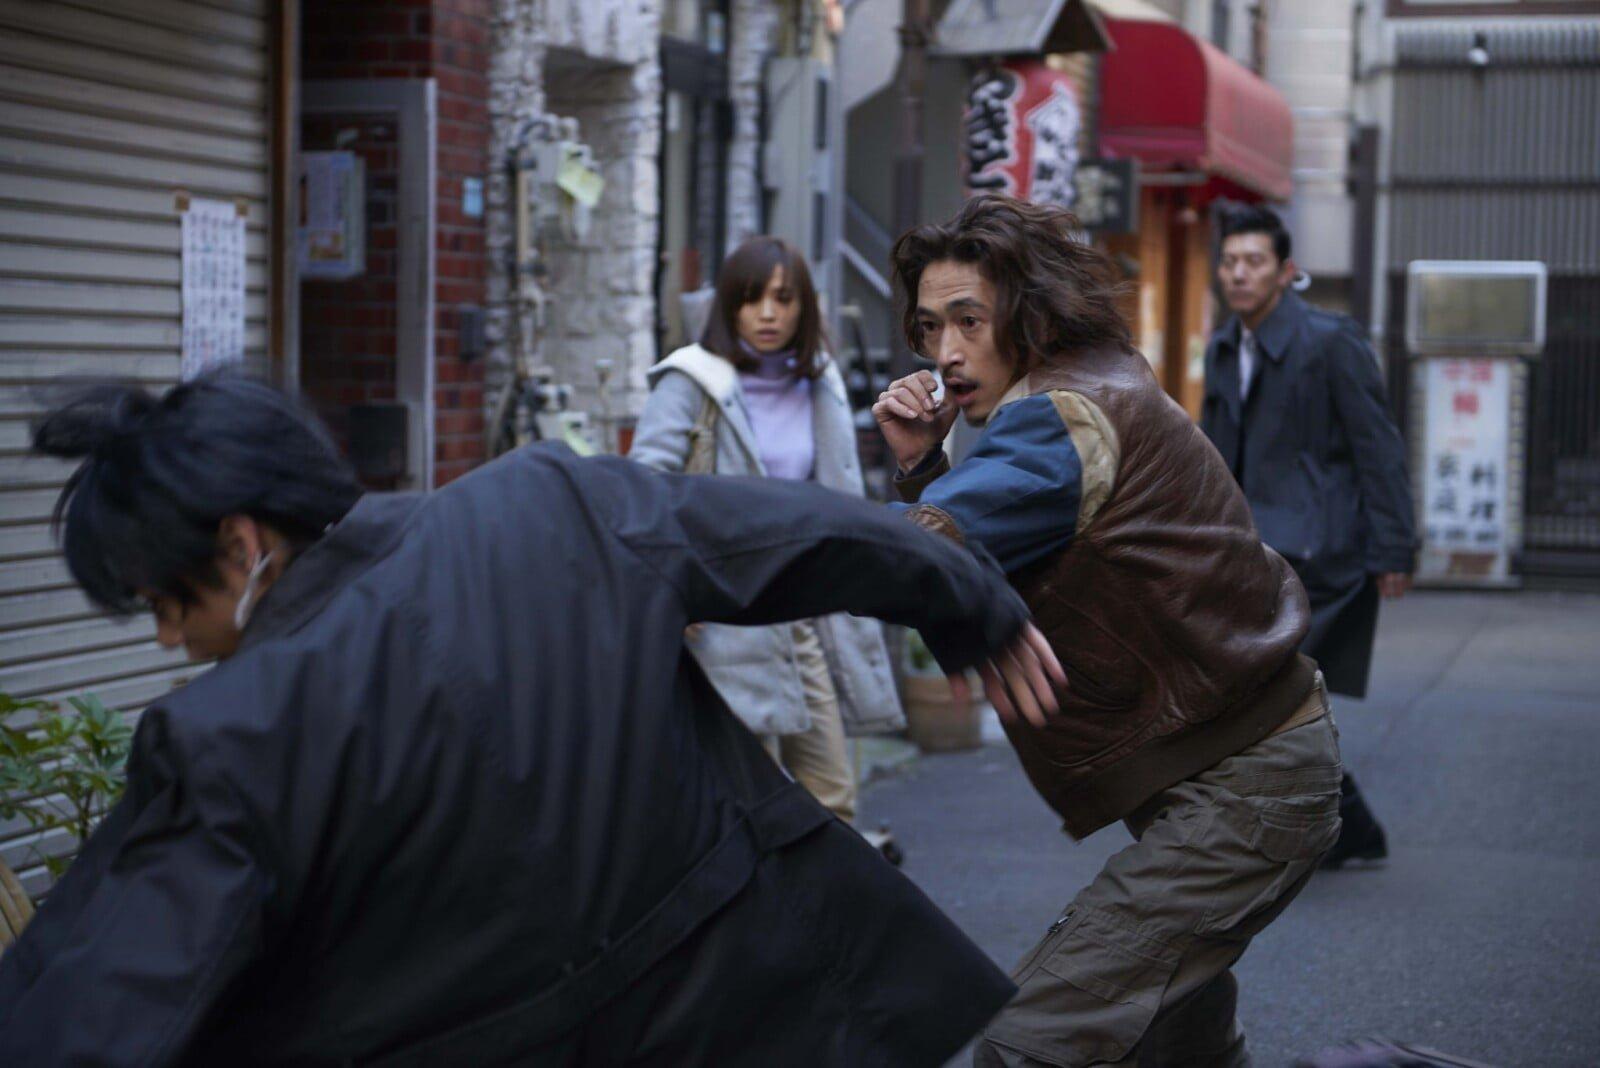 窪塚洋介×降谷建志(Dragon Ash)初タッグ!映画『アリーキャット』予告編&新場面写真2点解禁!